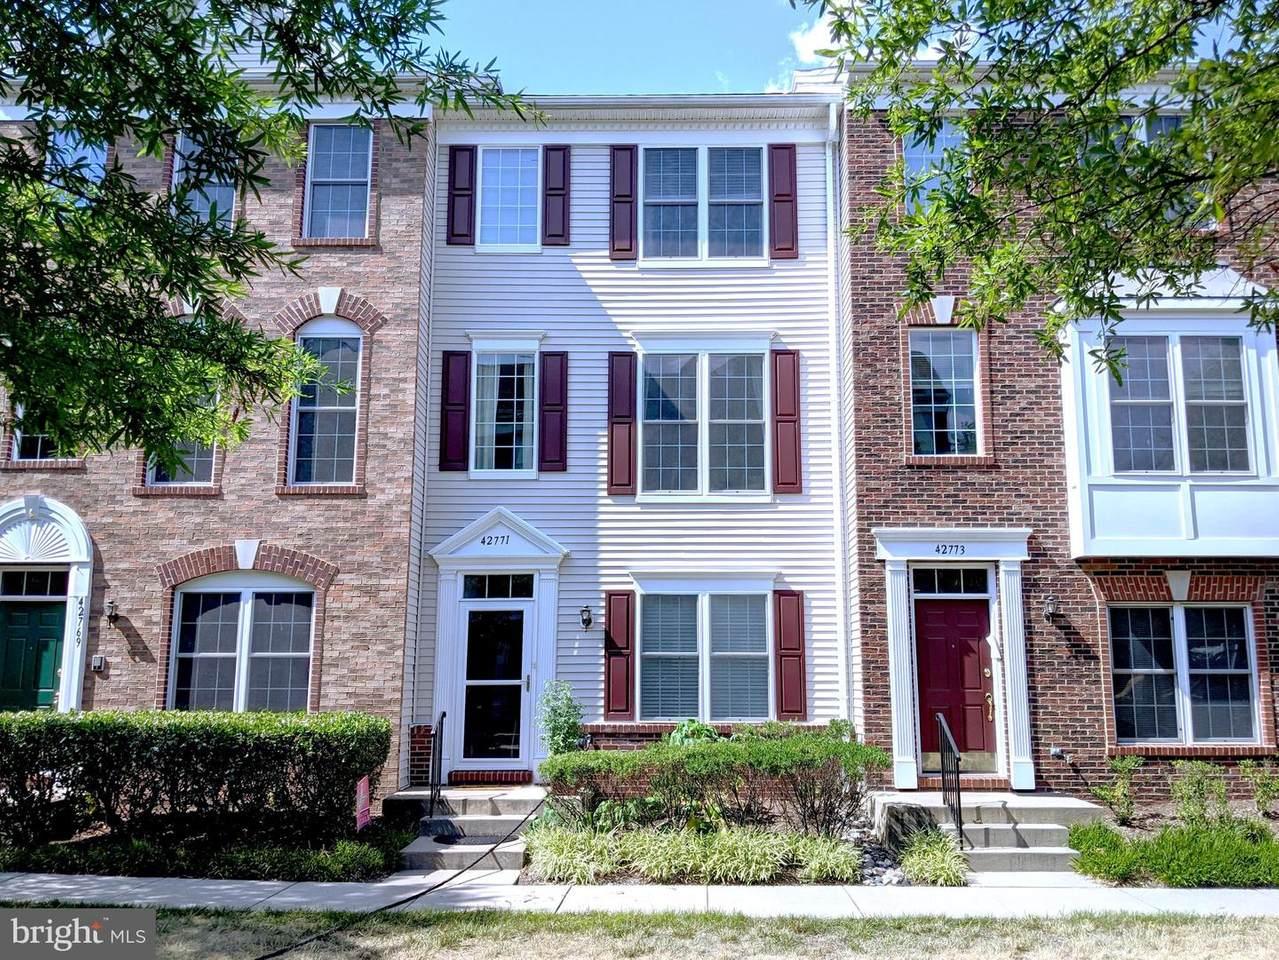 42771 Longworth Terrace - Photo 1